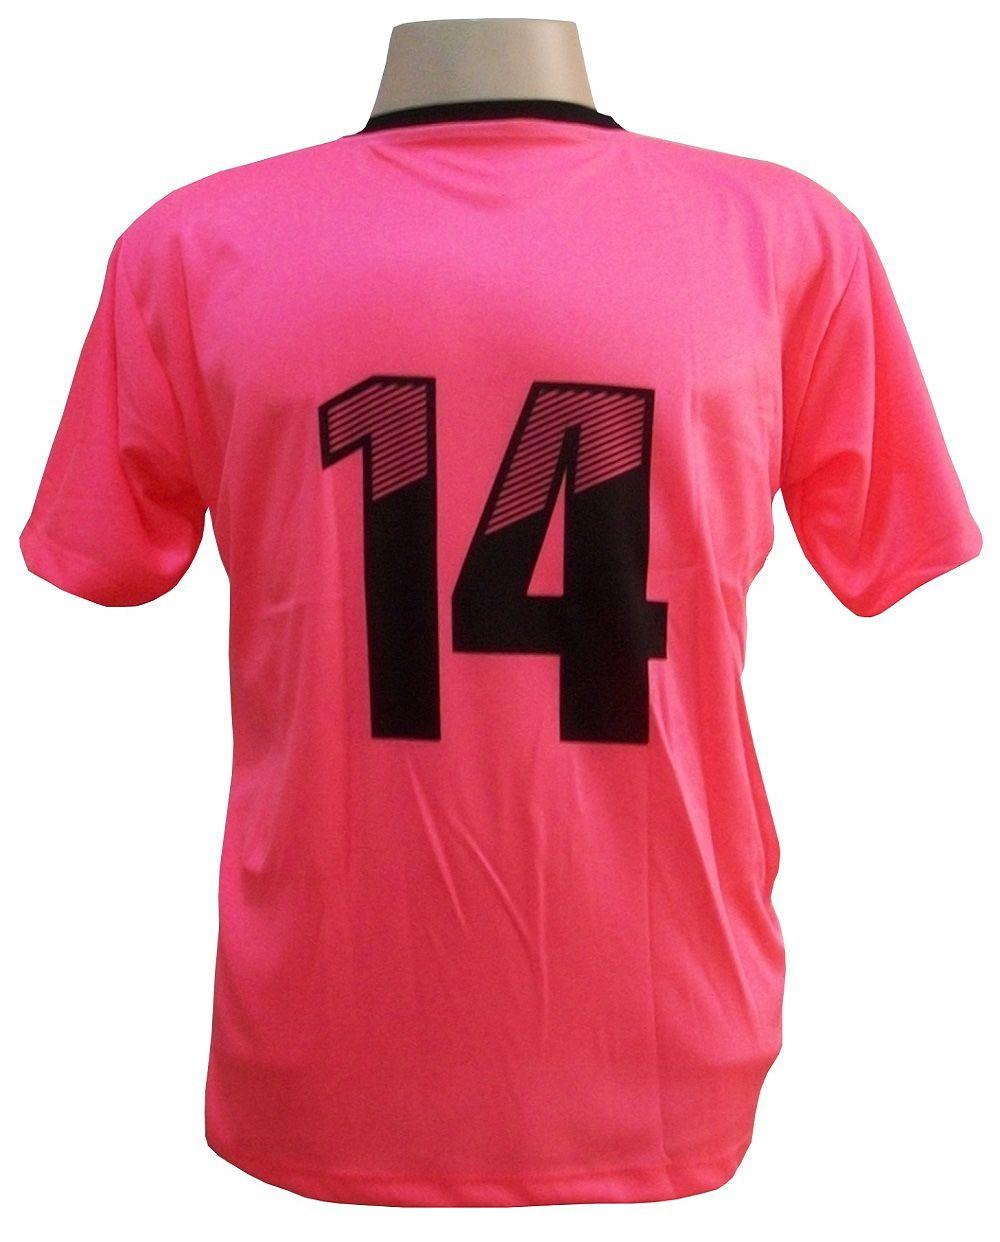 Jogo de Camisa com 12 unidades modelo Roma Rosa Pink/Preto + 1 Camisa de Goleiro